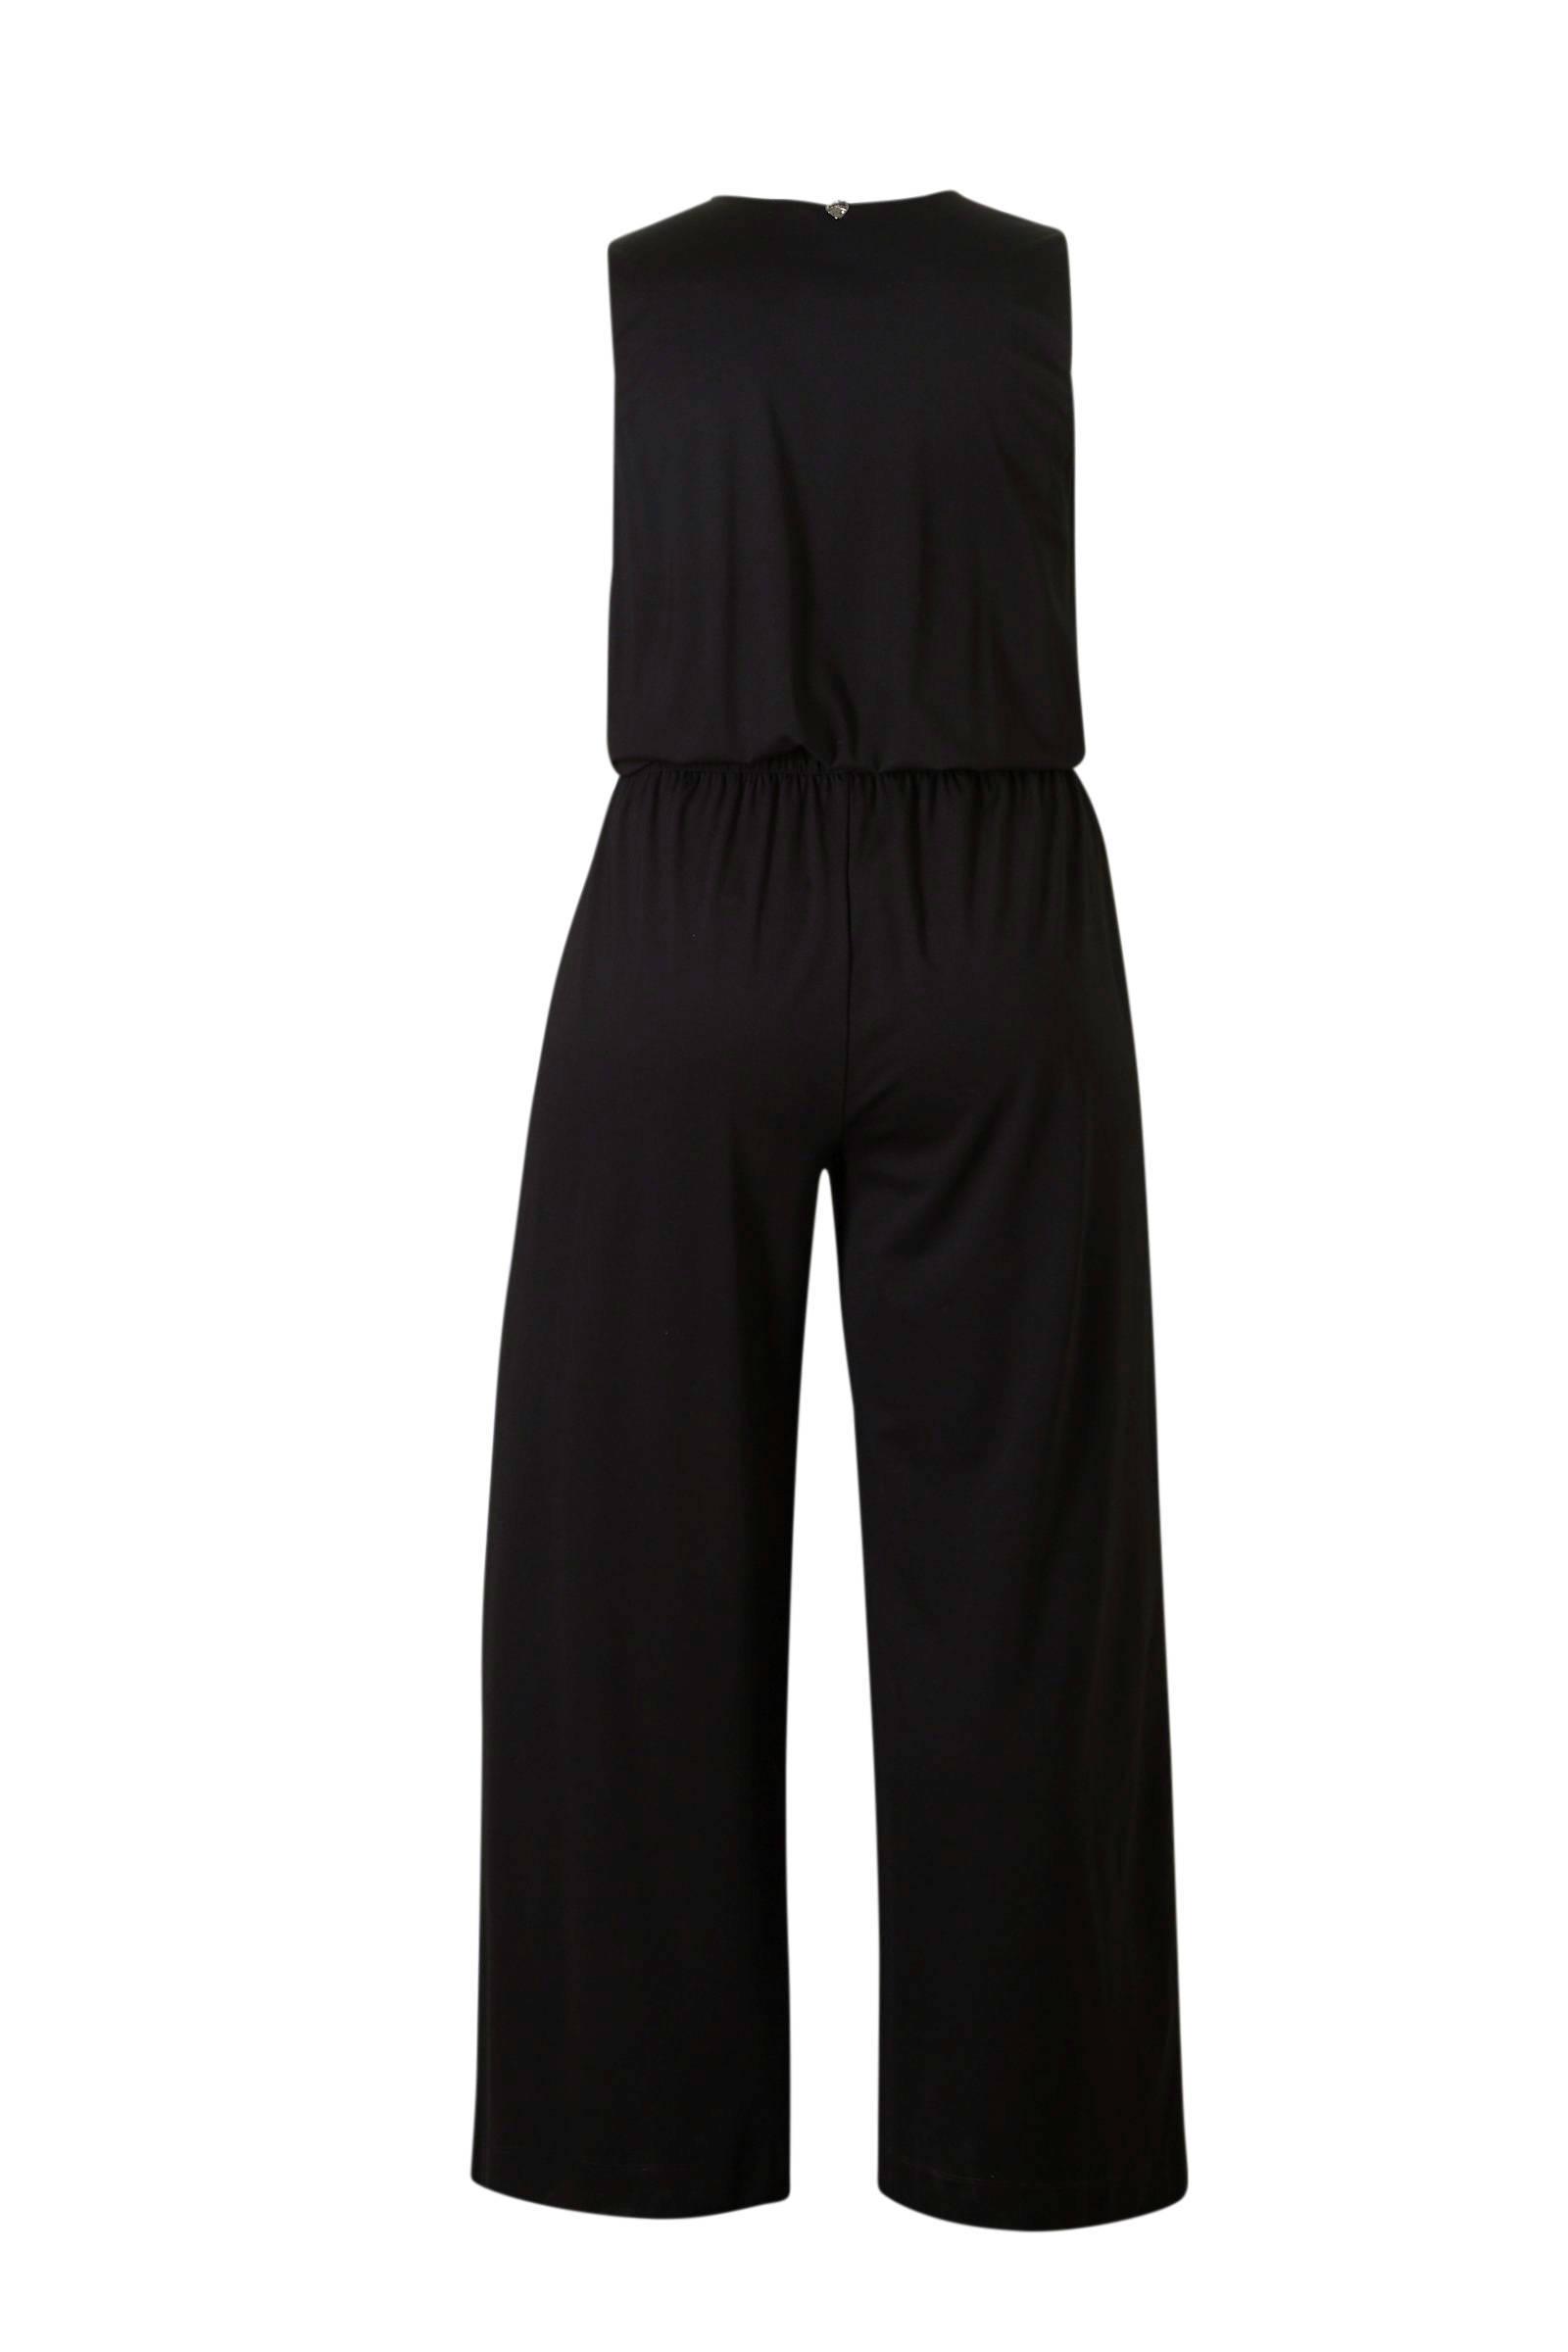 mouwloze Fashion Mat mouwloze jumpsuit Mat Mat jumpsuit Fashion jumpsuit mouwloze jumpsuit Fashion Fashion mouwloze Mat EqXxdg